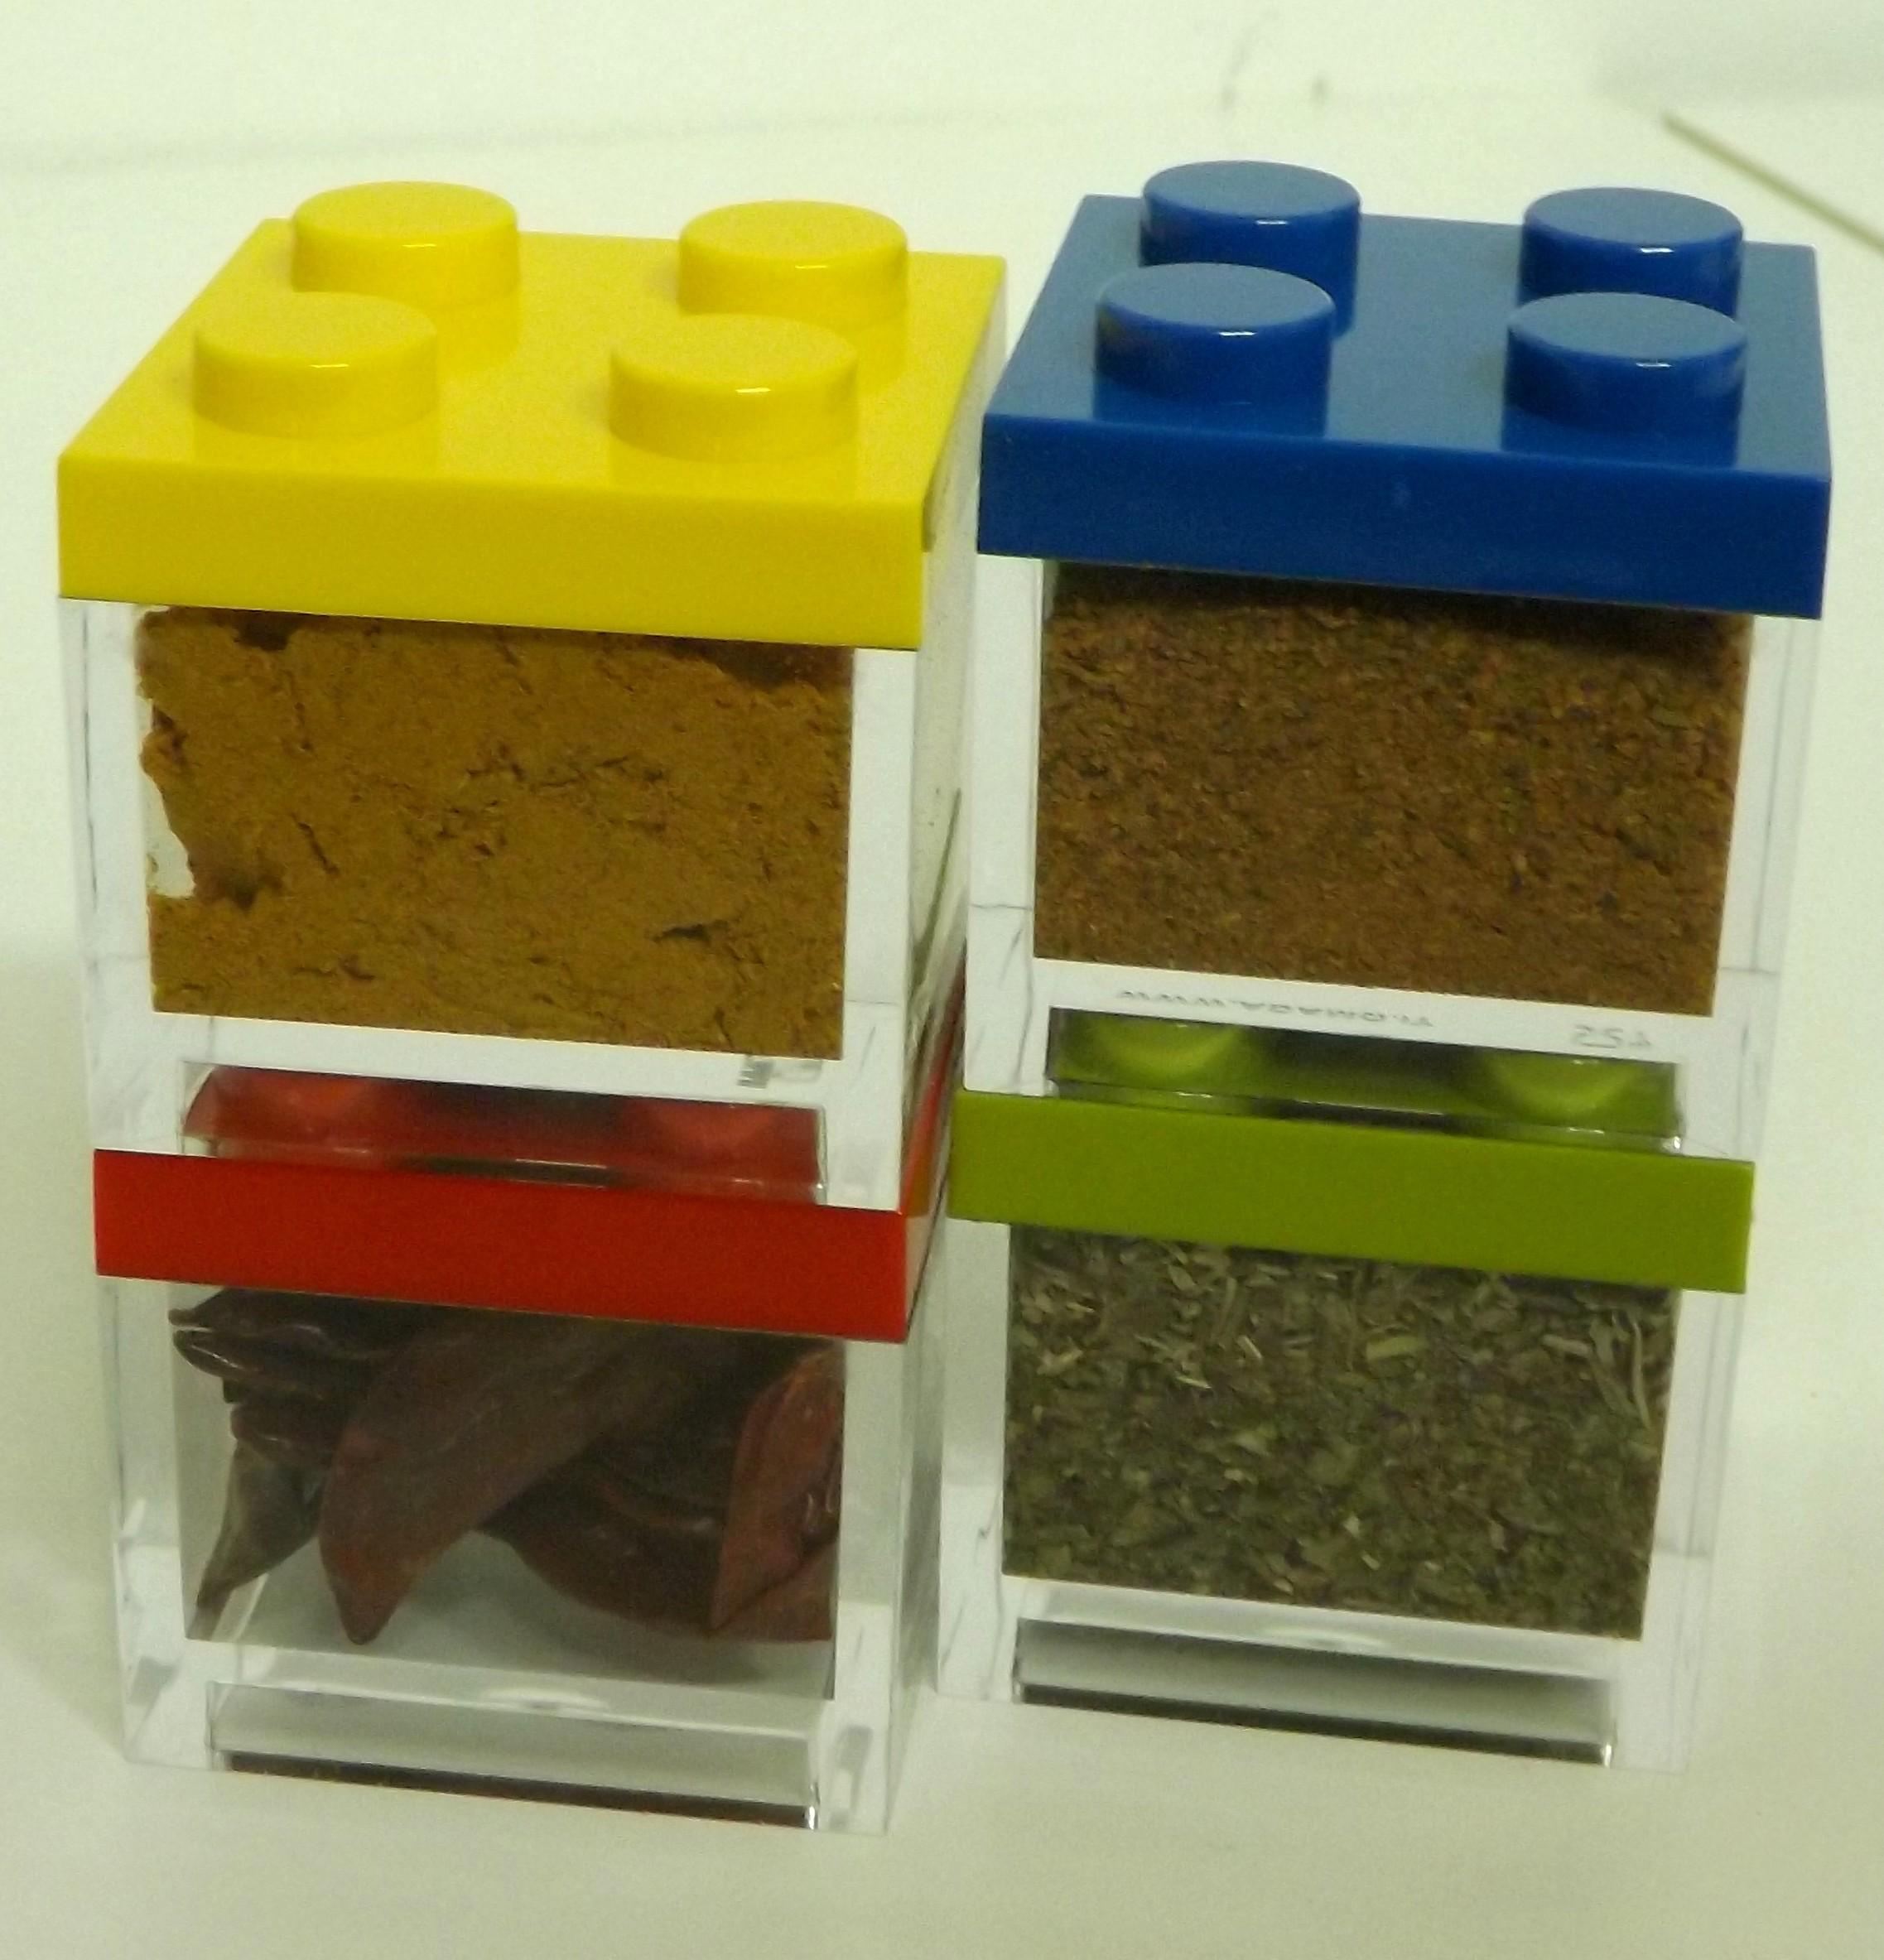 spezie-lego-1